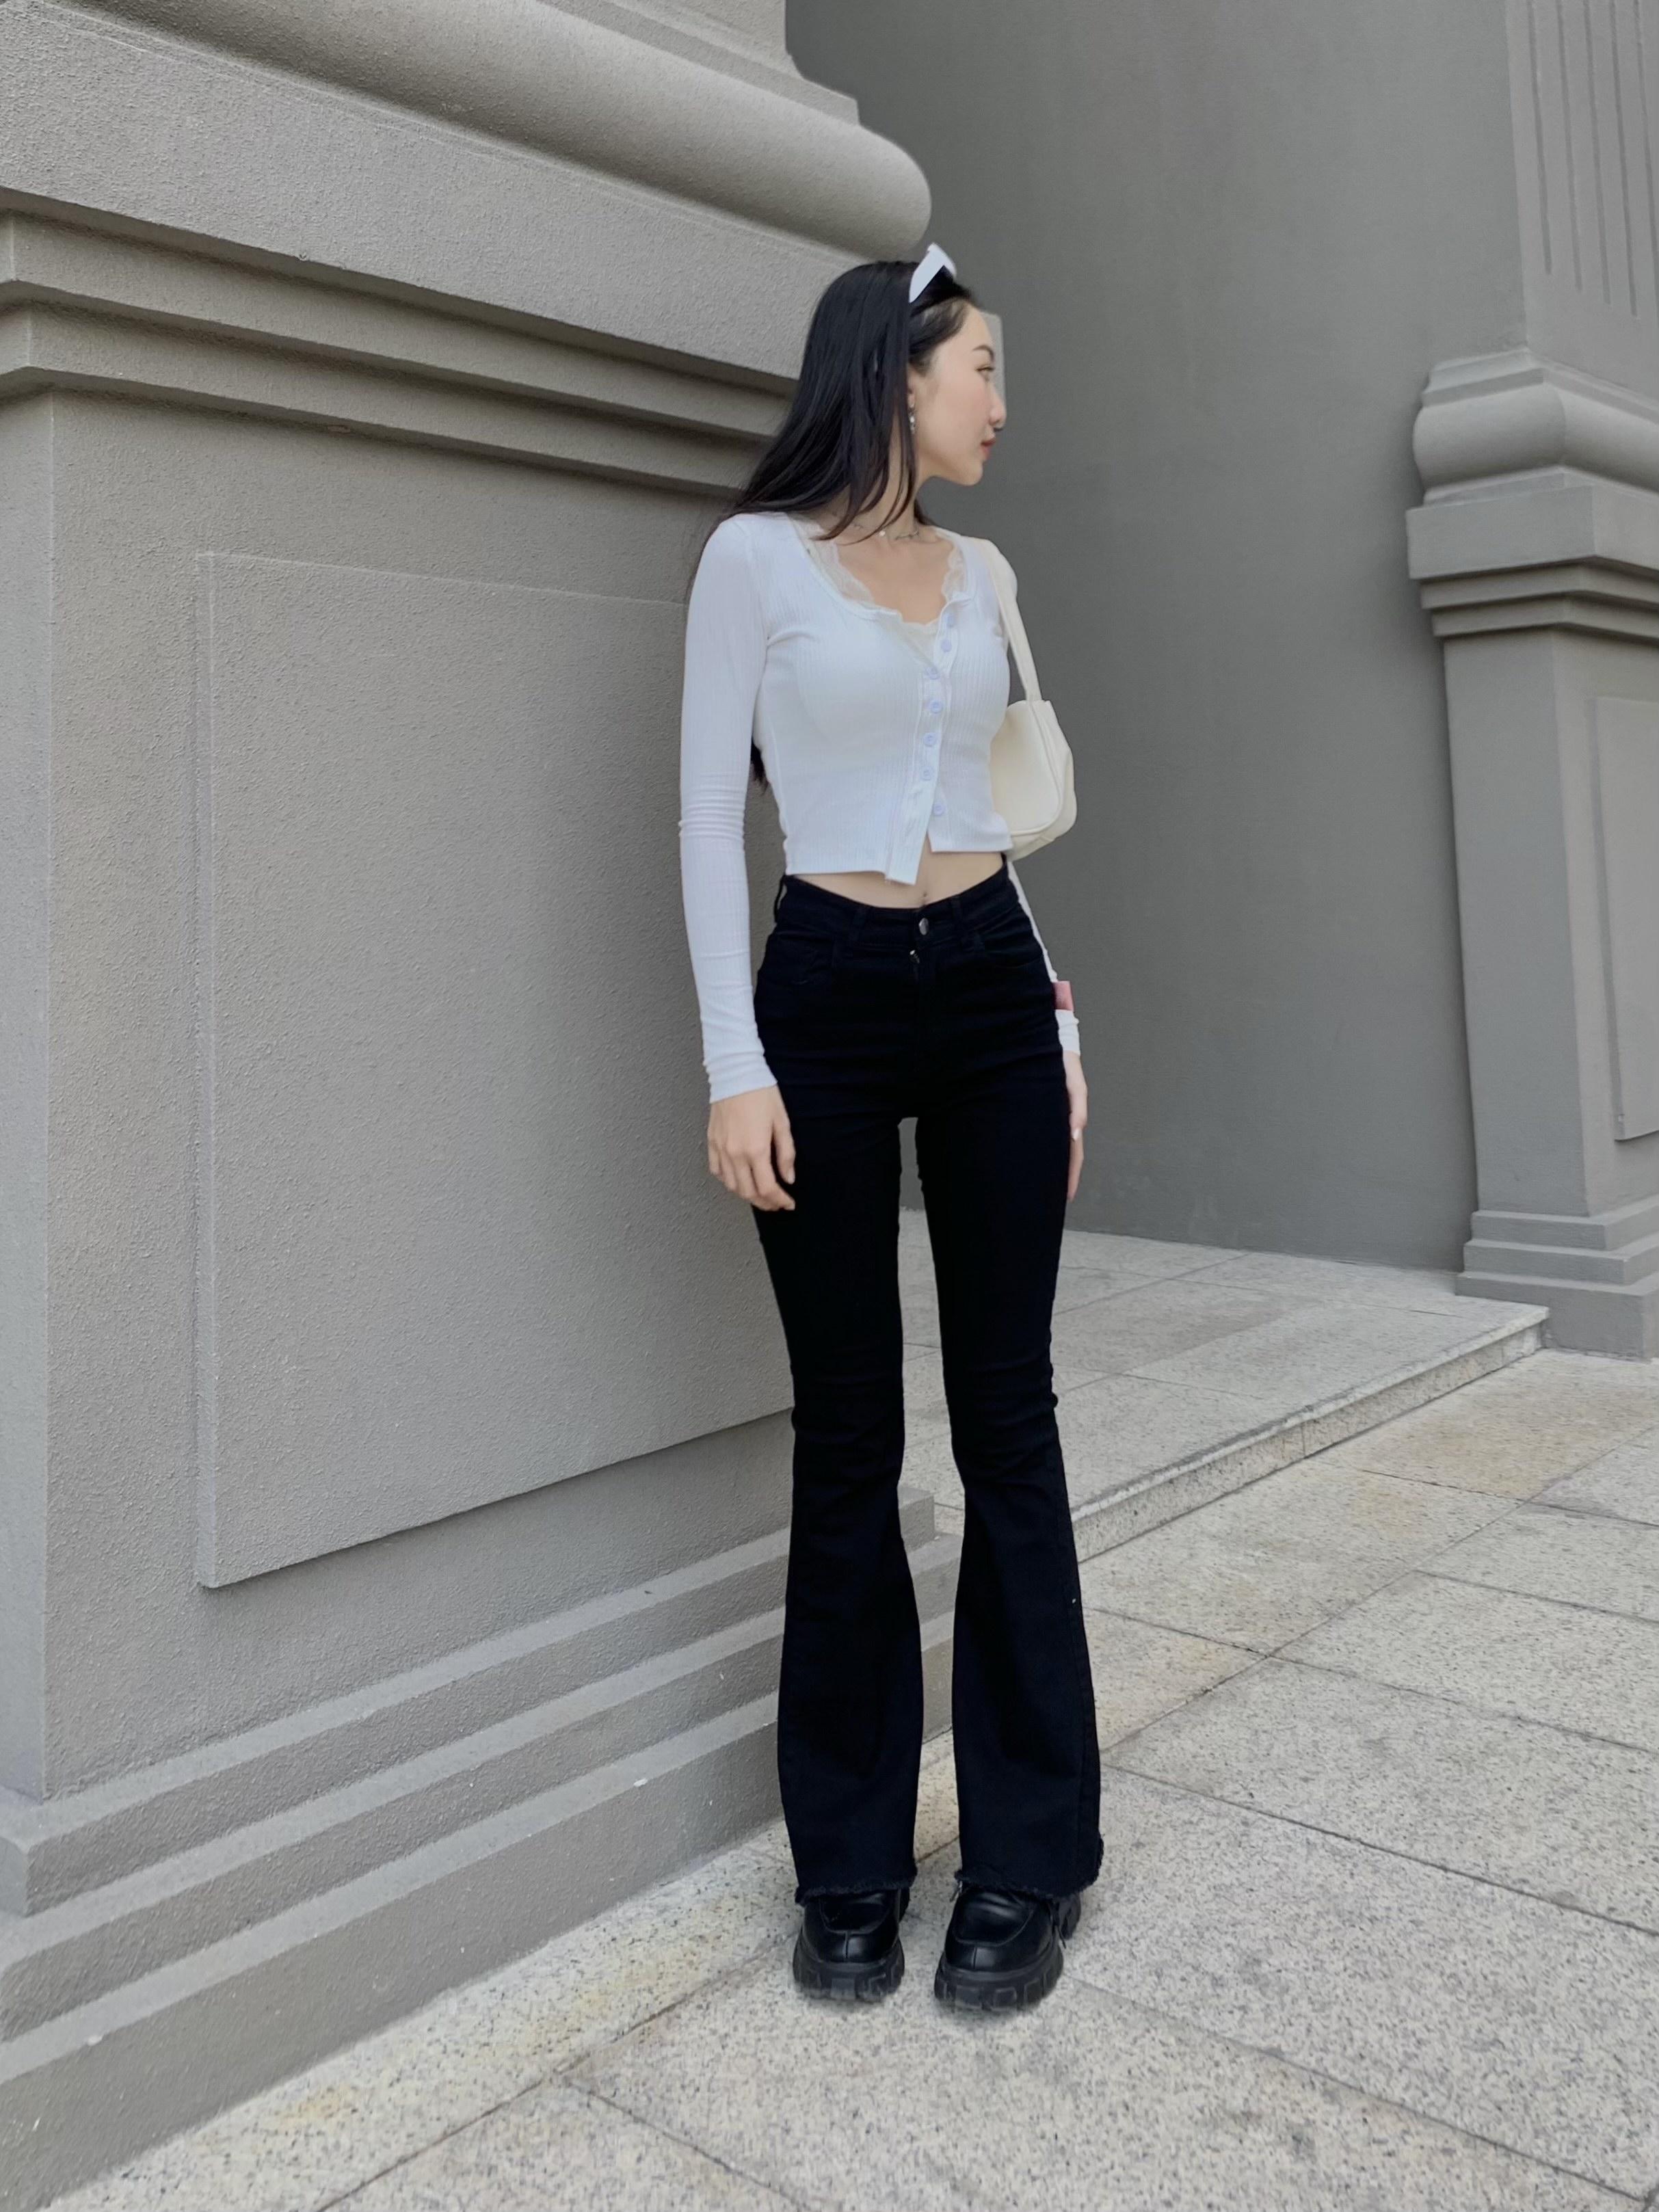 Insta look Gen Z tuần qua: Có nàng diện cả bra ra đường, màu trắng năm nay thành hot trend hay sao? - ảnh 20